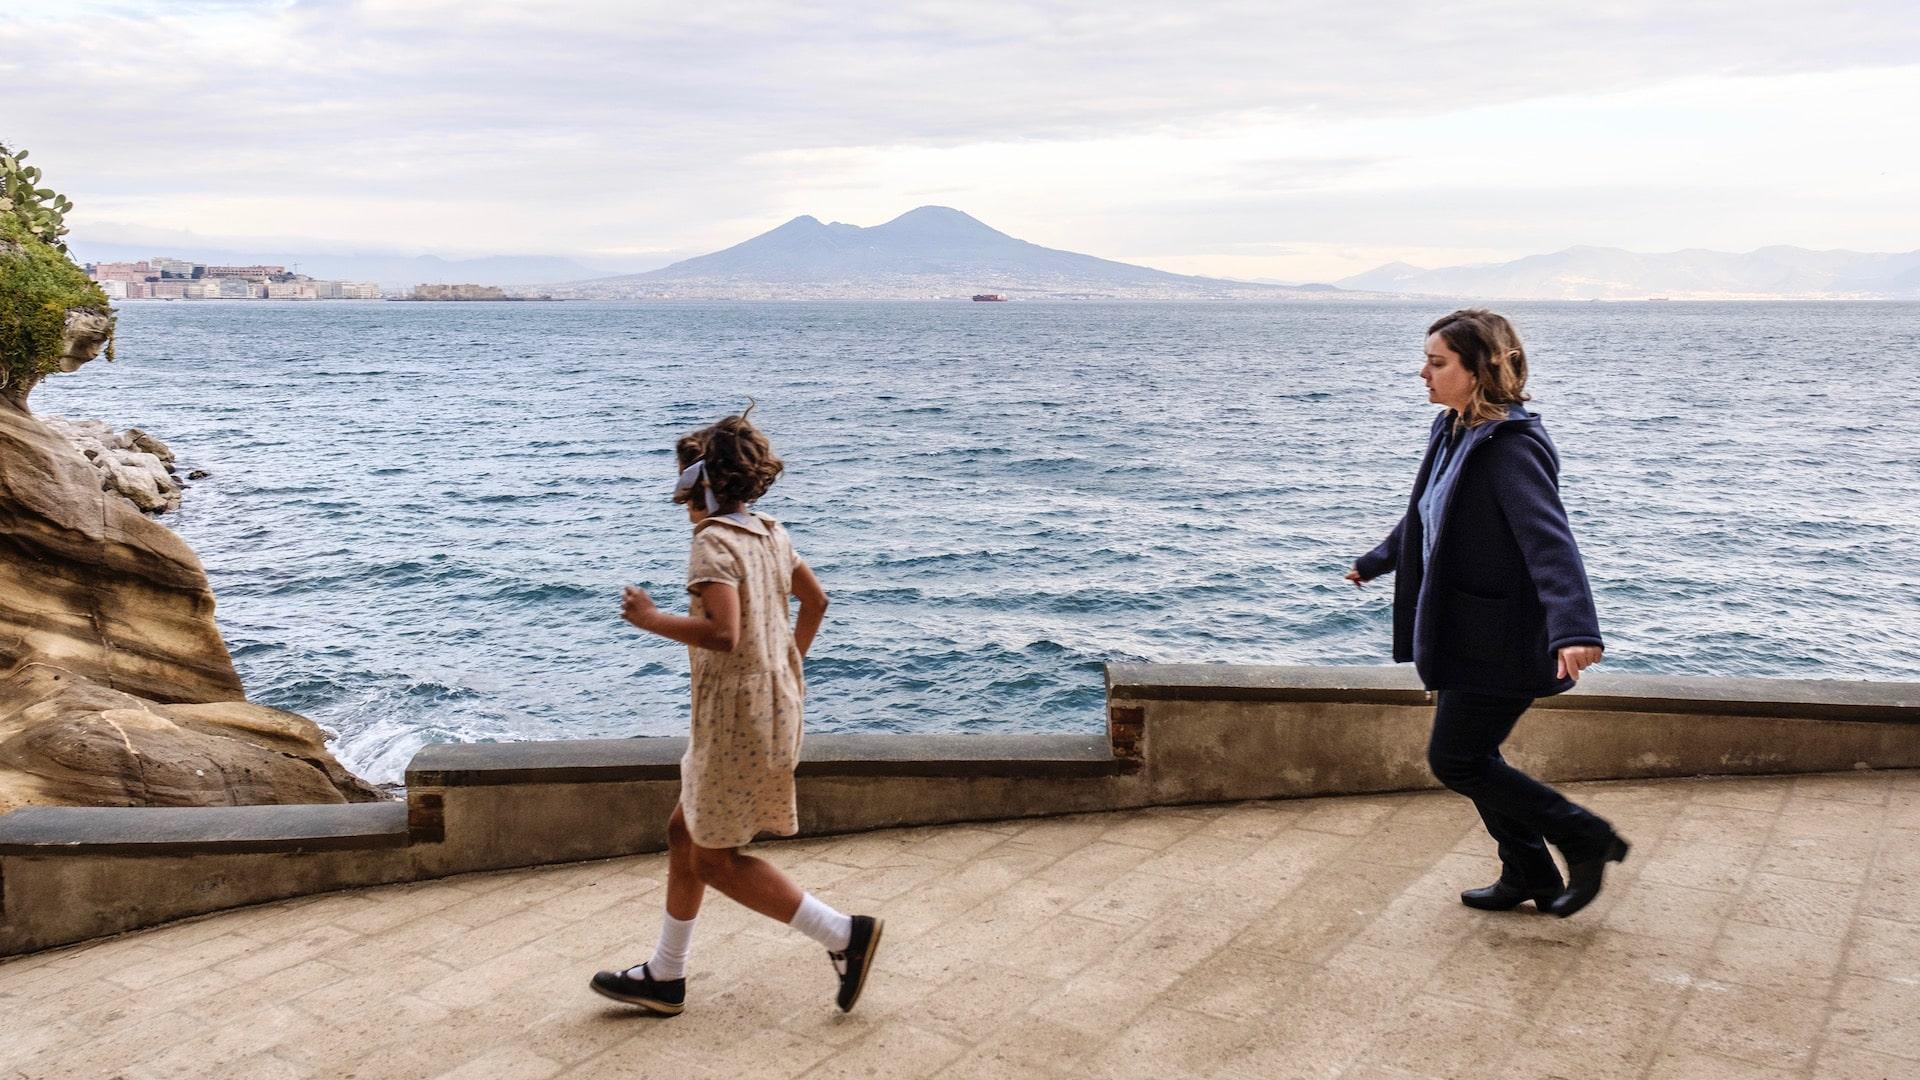 Tornare e il Golfo di Napoli